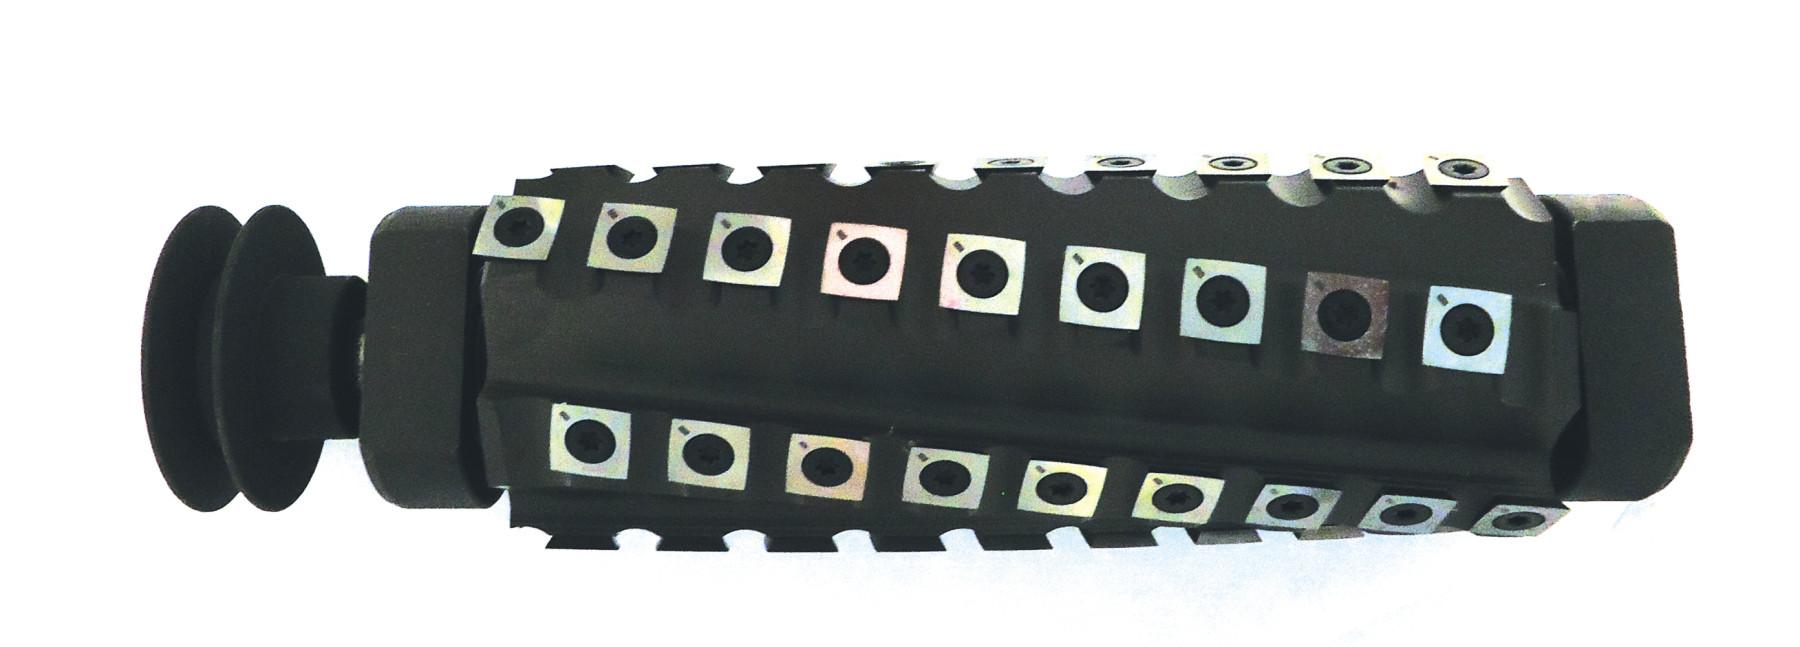 54A HH Фуговальный станок с ножевым валом «helical» фото 5